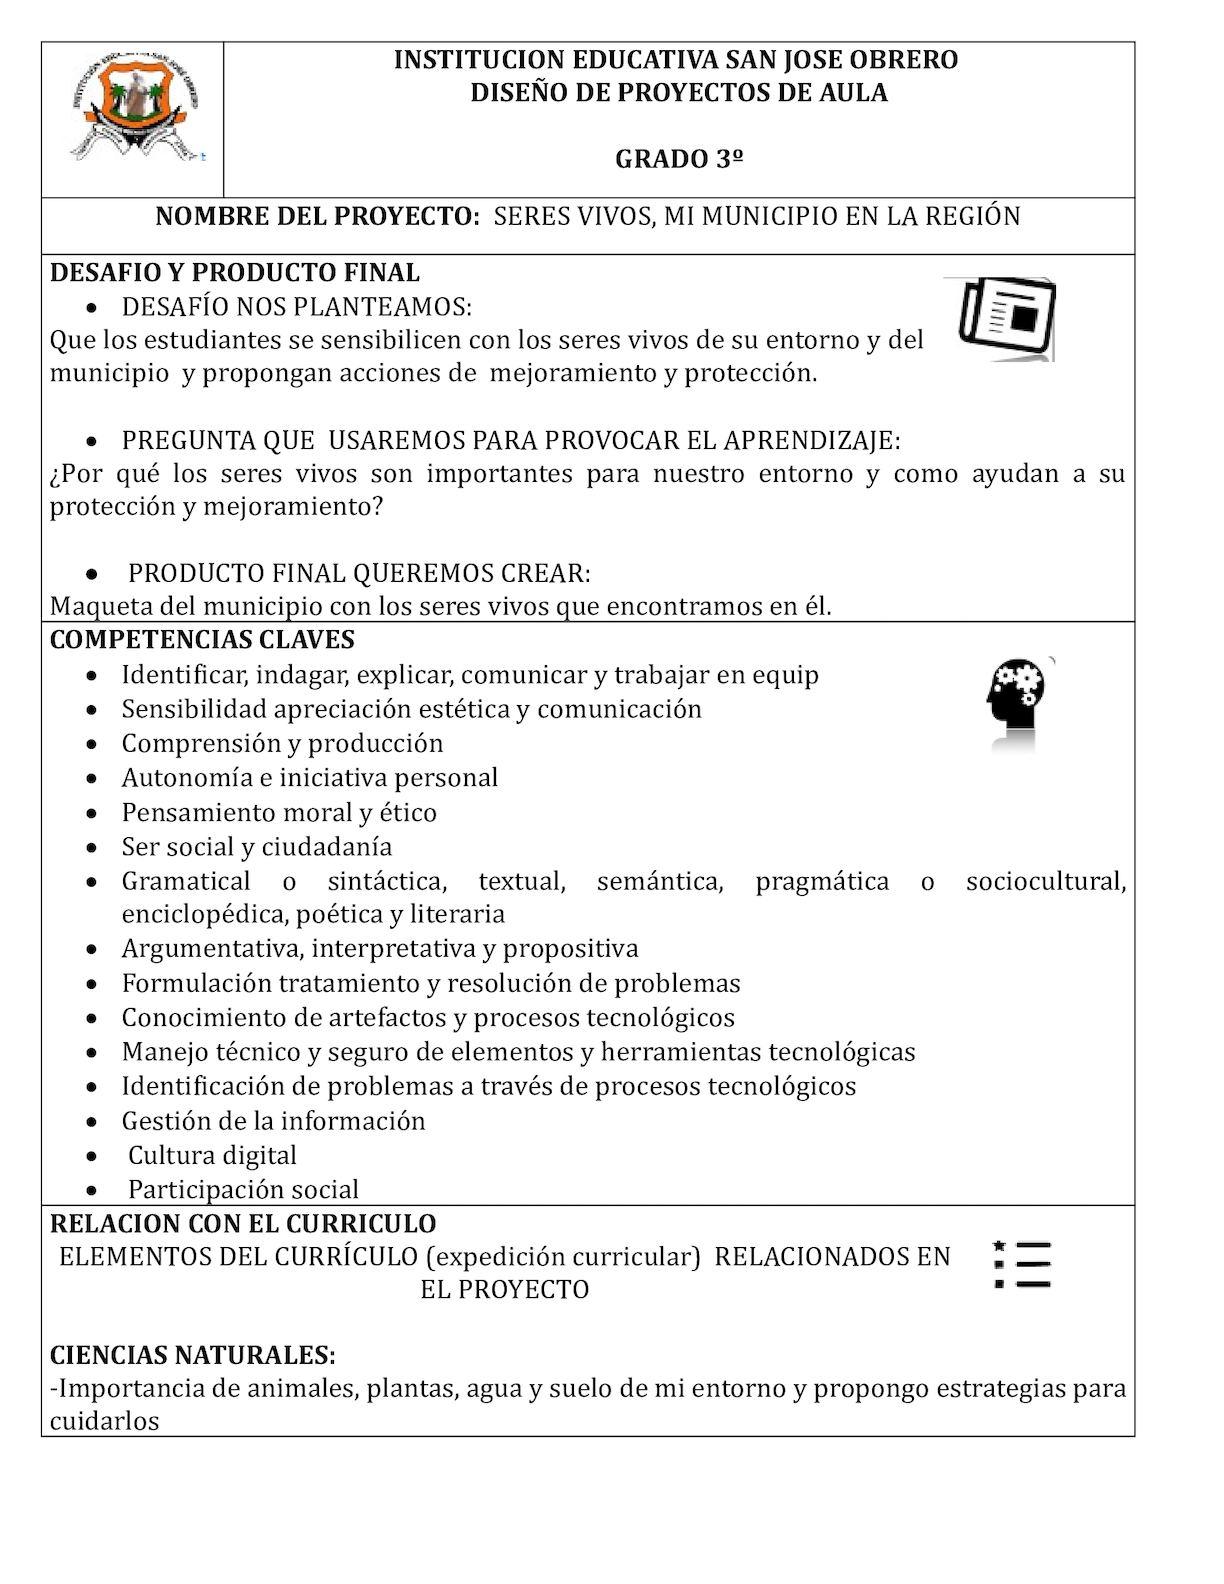 Calaméo - Grado 3º Mi Municipio En La Región Los Seres Vivos, Mi ...